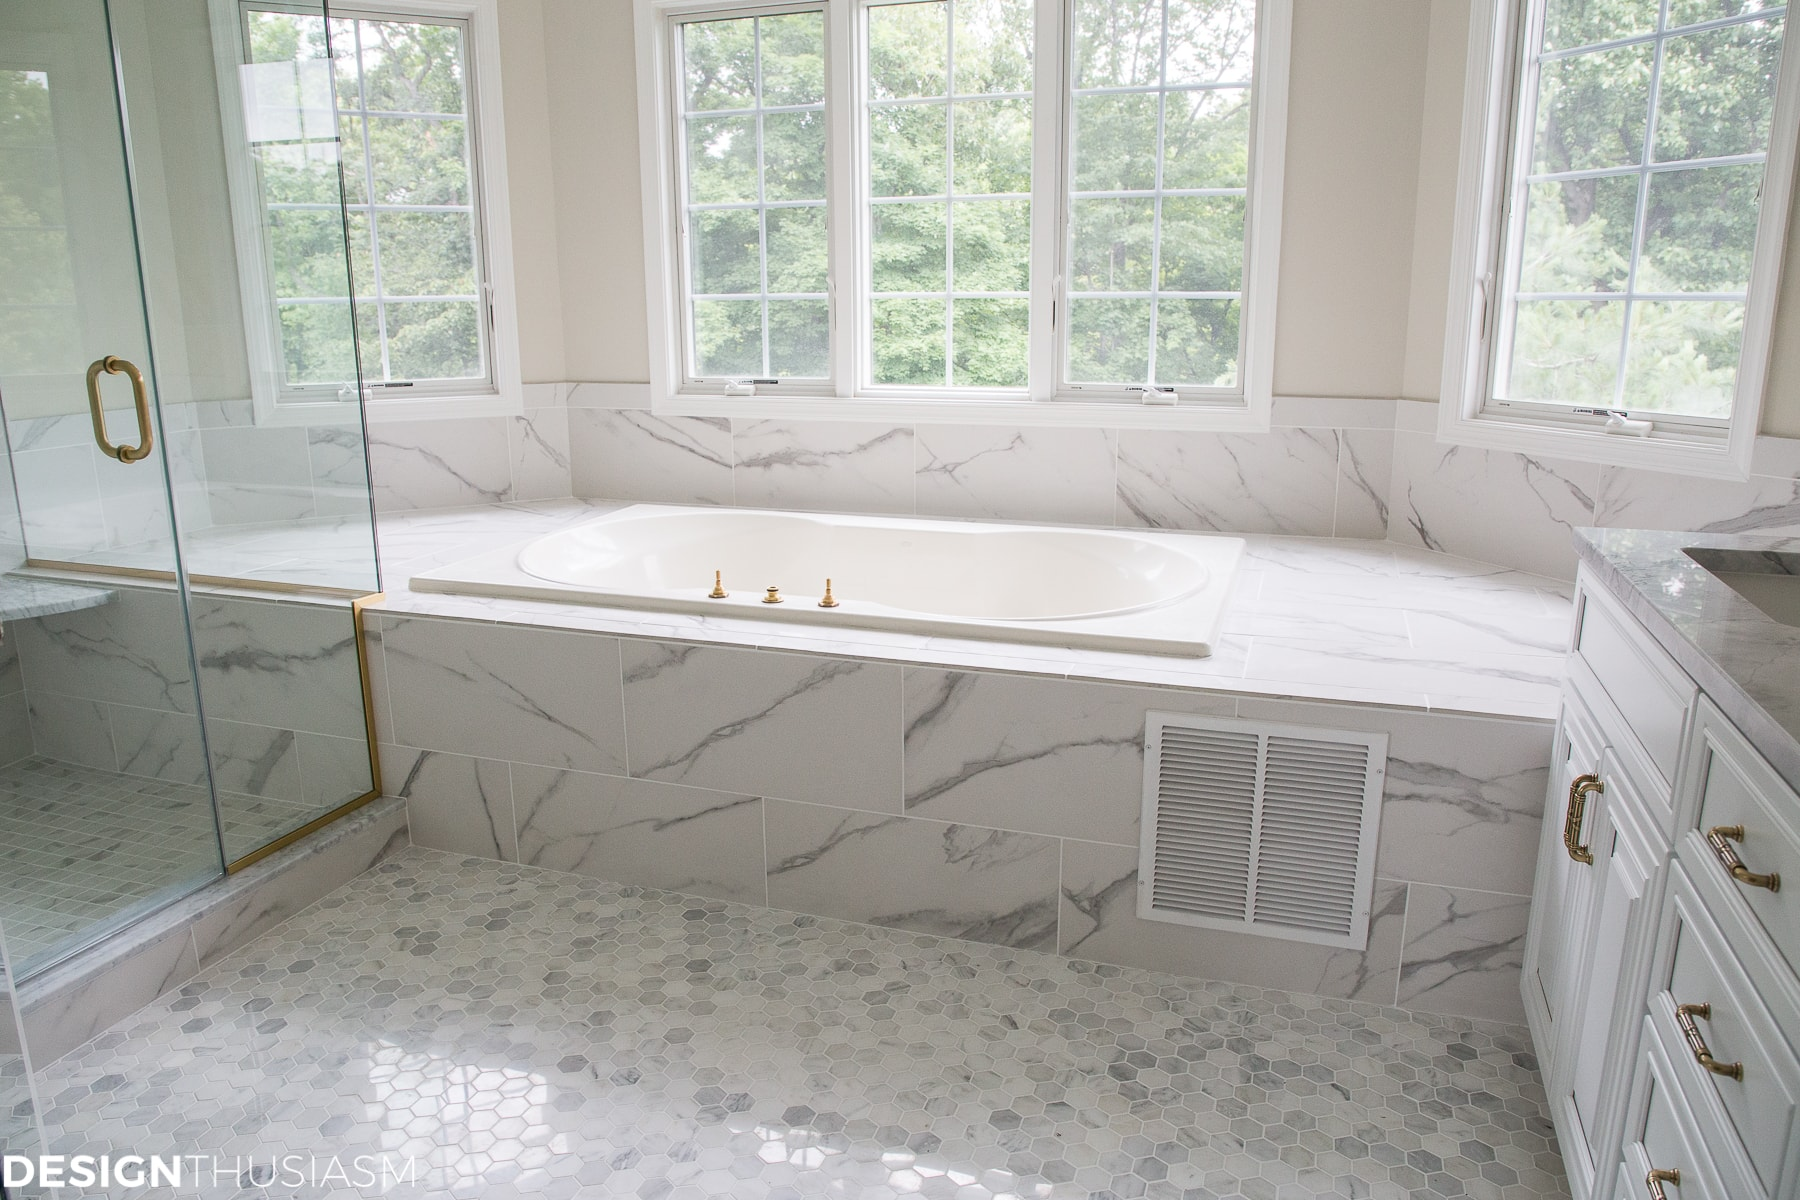 Using bathroom tiles to transform a builder's grade master bath - designthusiasm.com